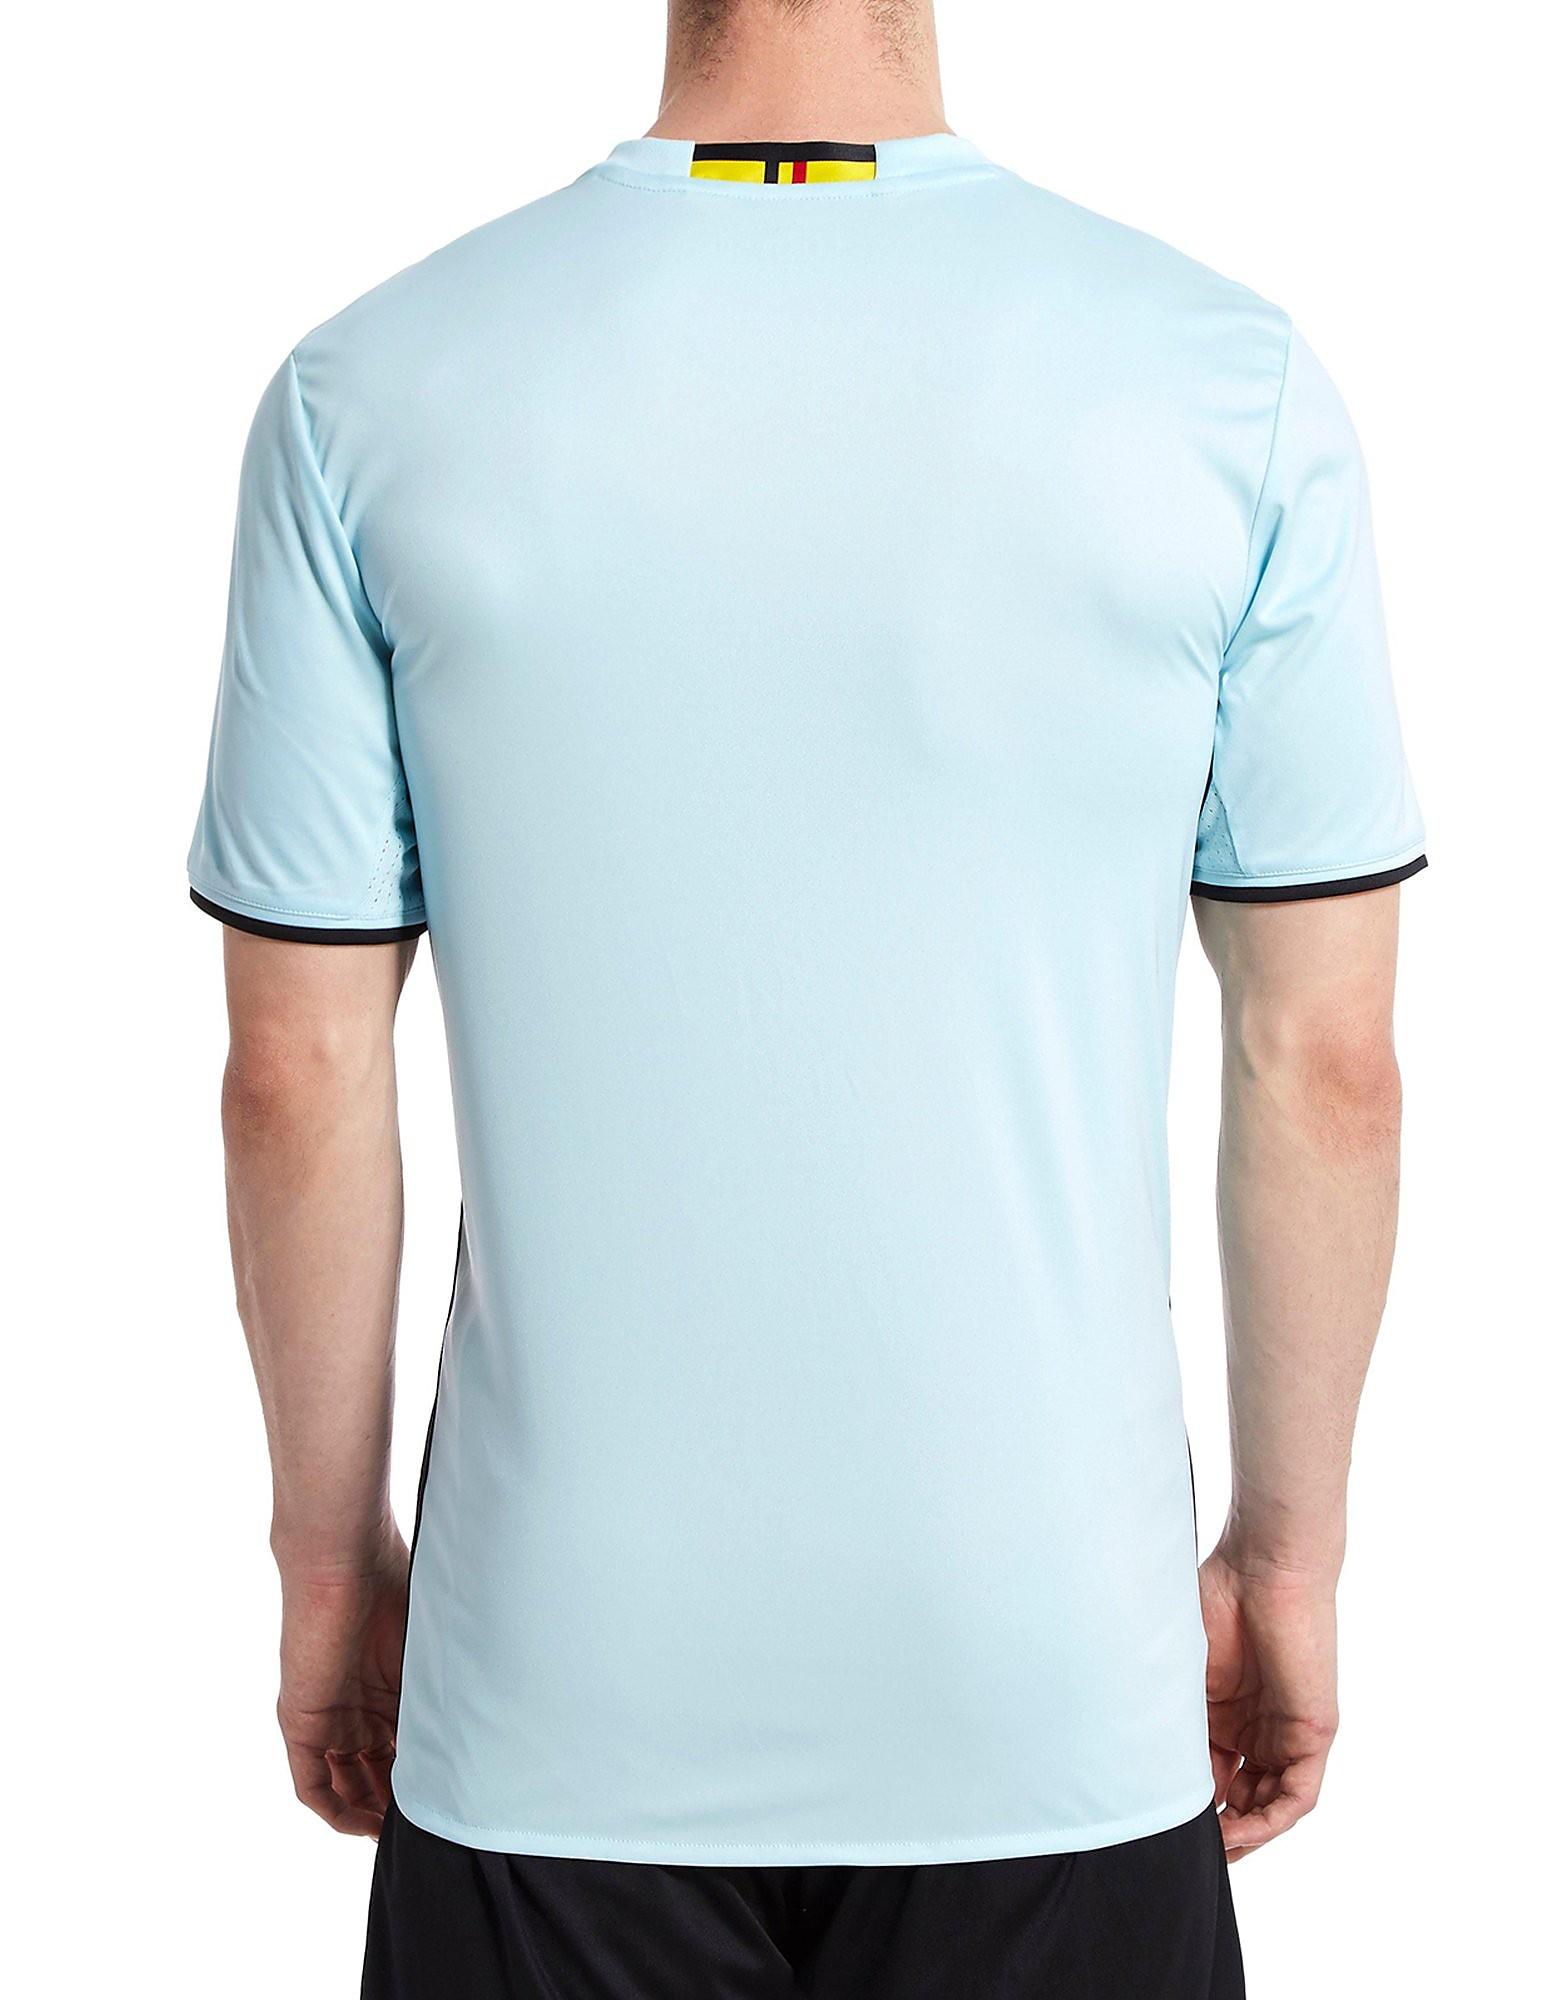 adidas Belgium 2016 Away Shirt